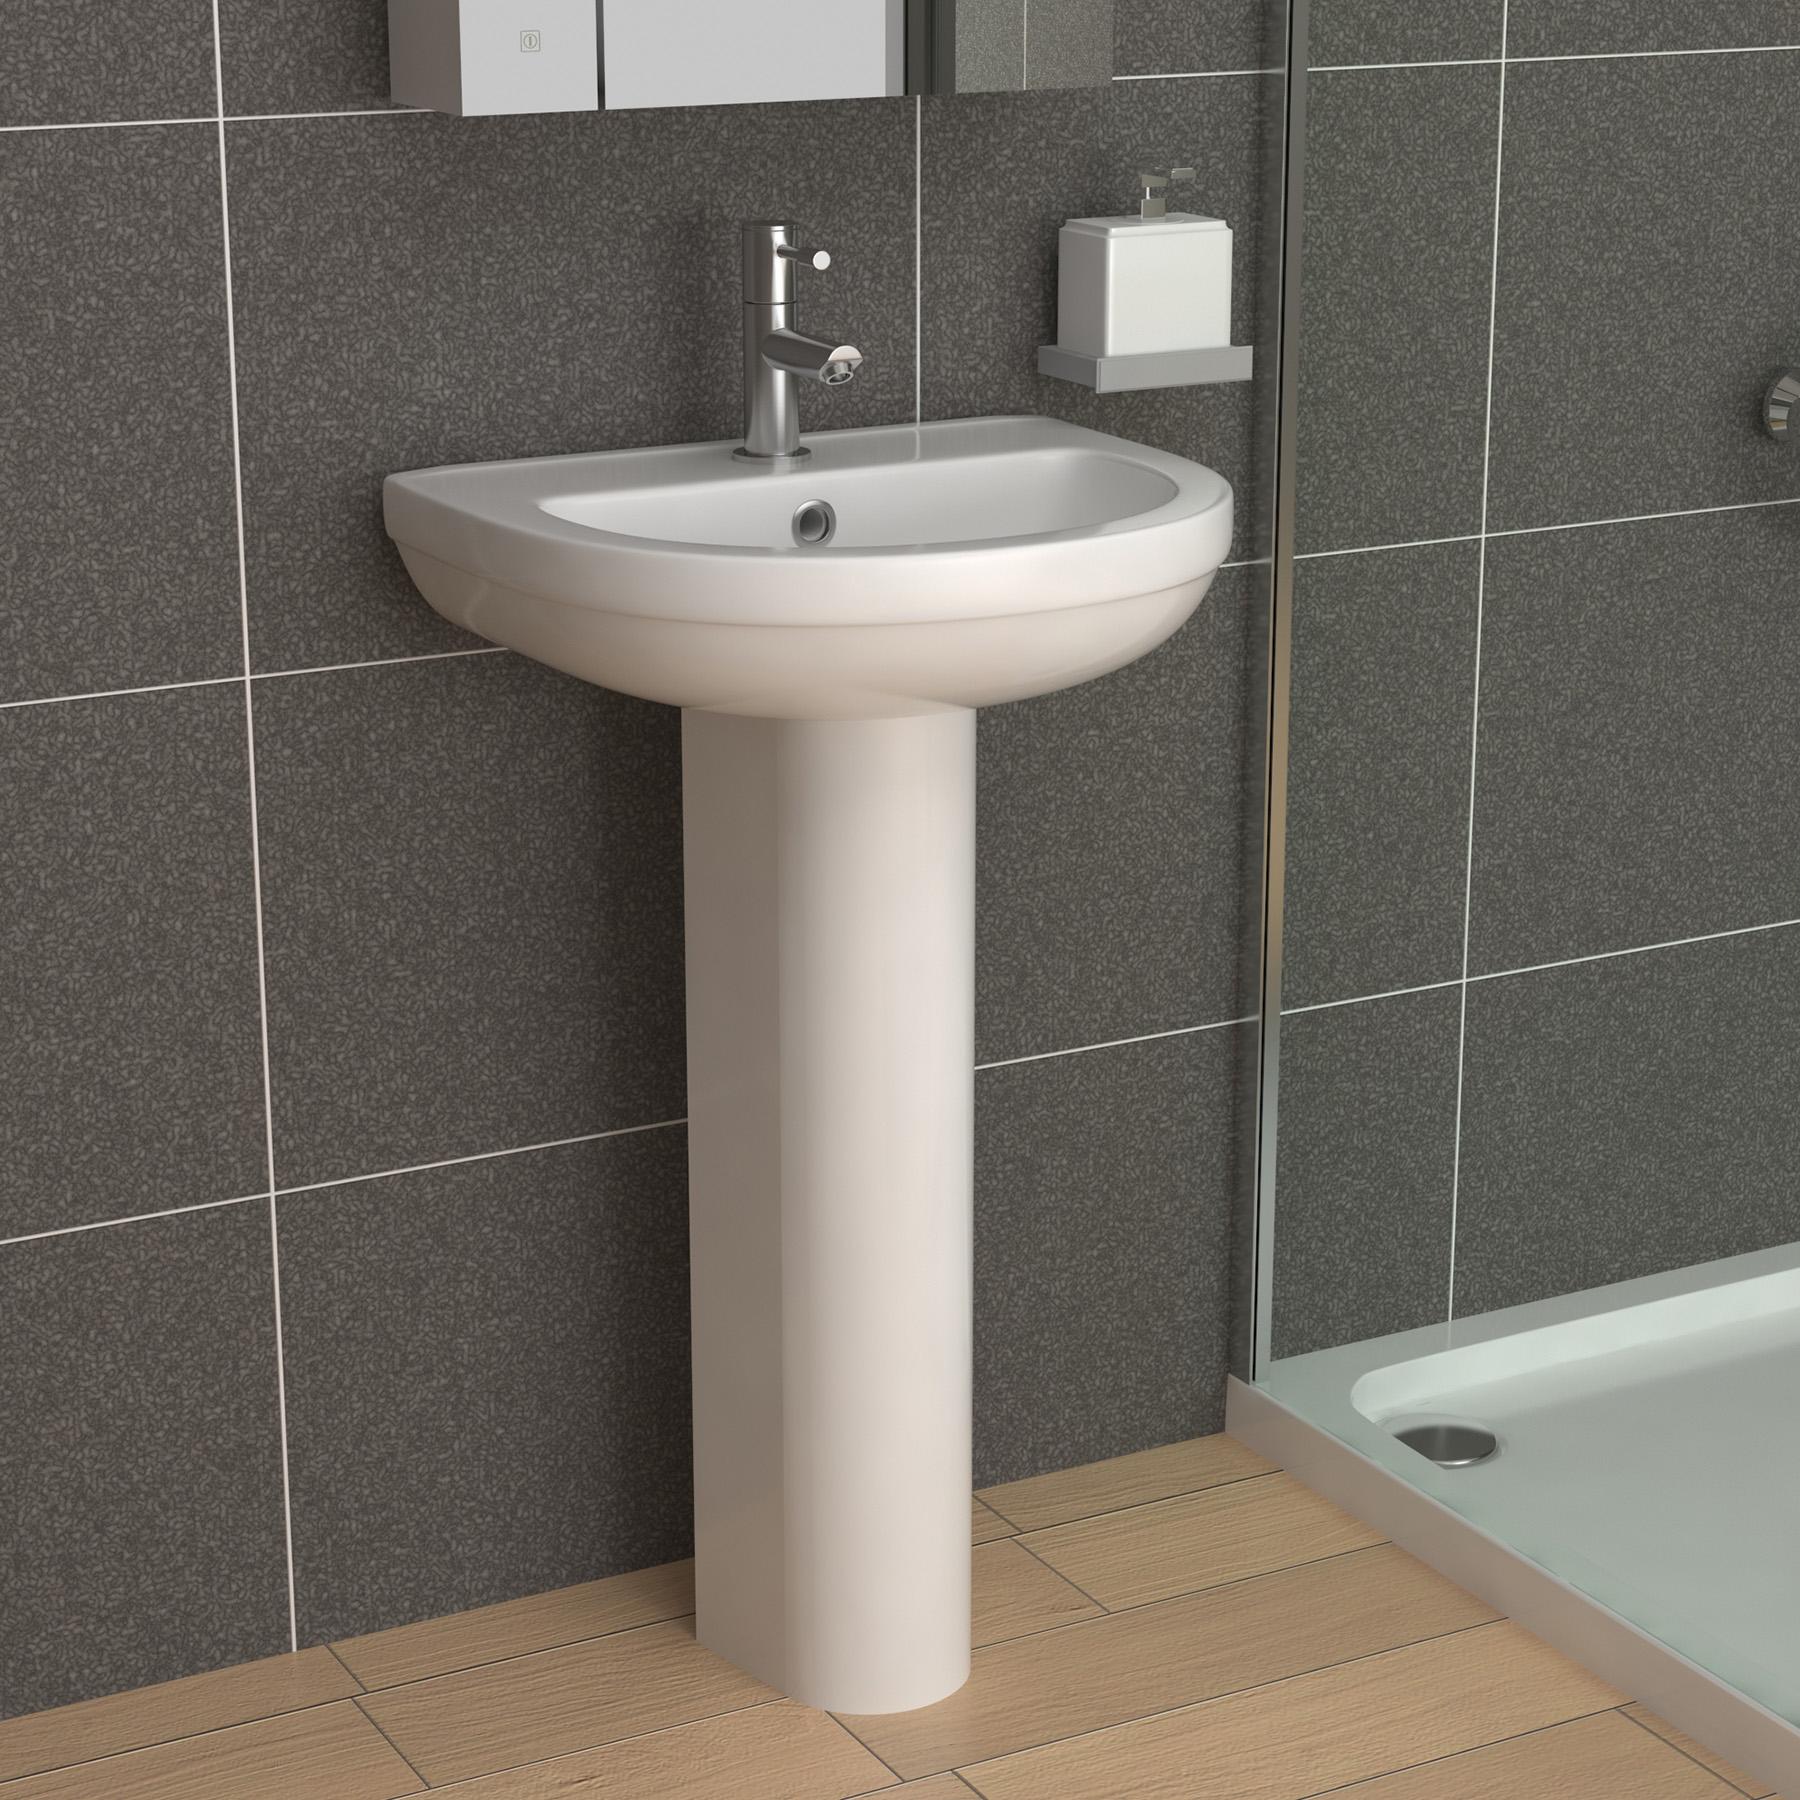 6mm Modern Quadrant Double Sliding Shower Enclosure Toilet